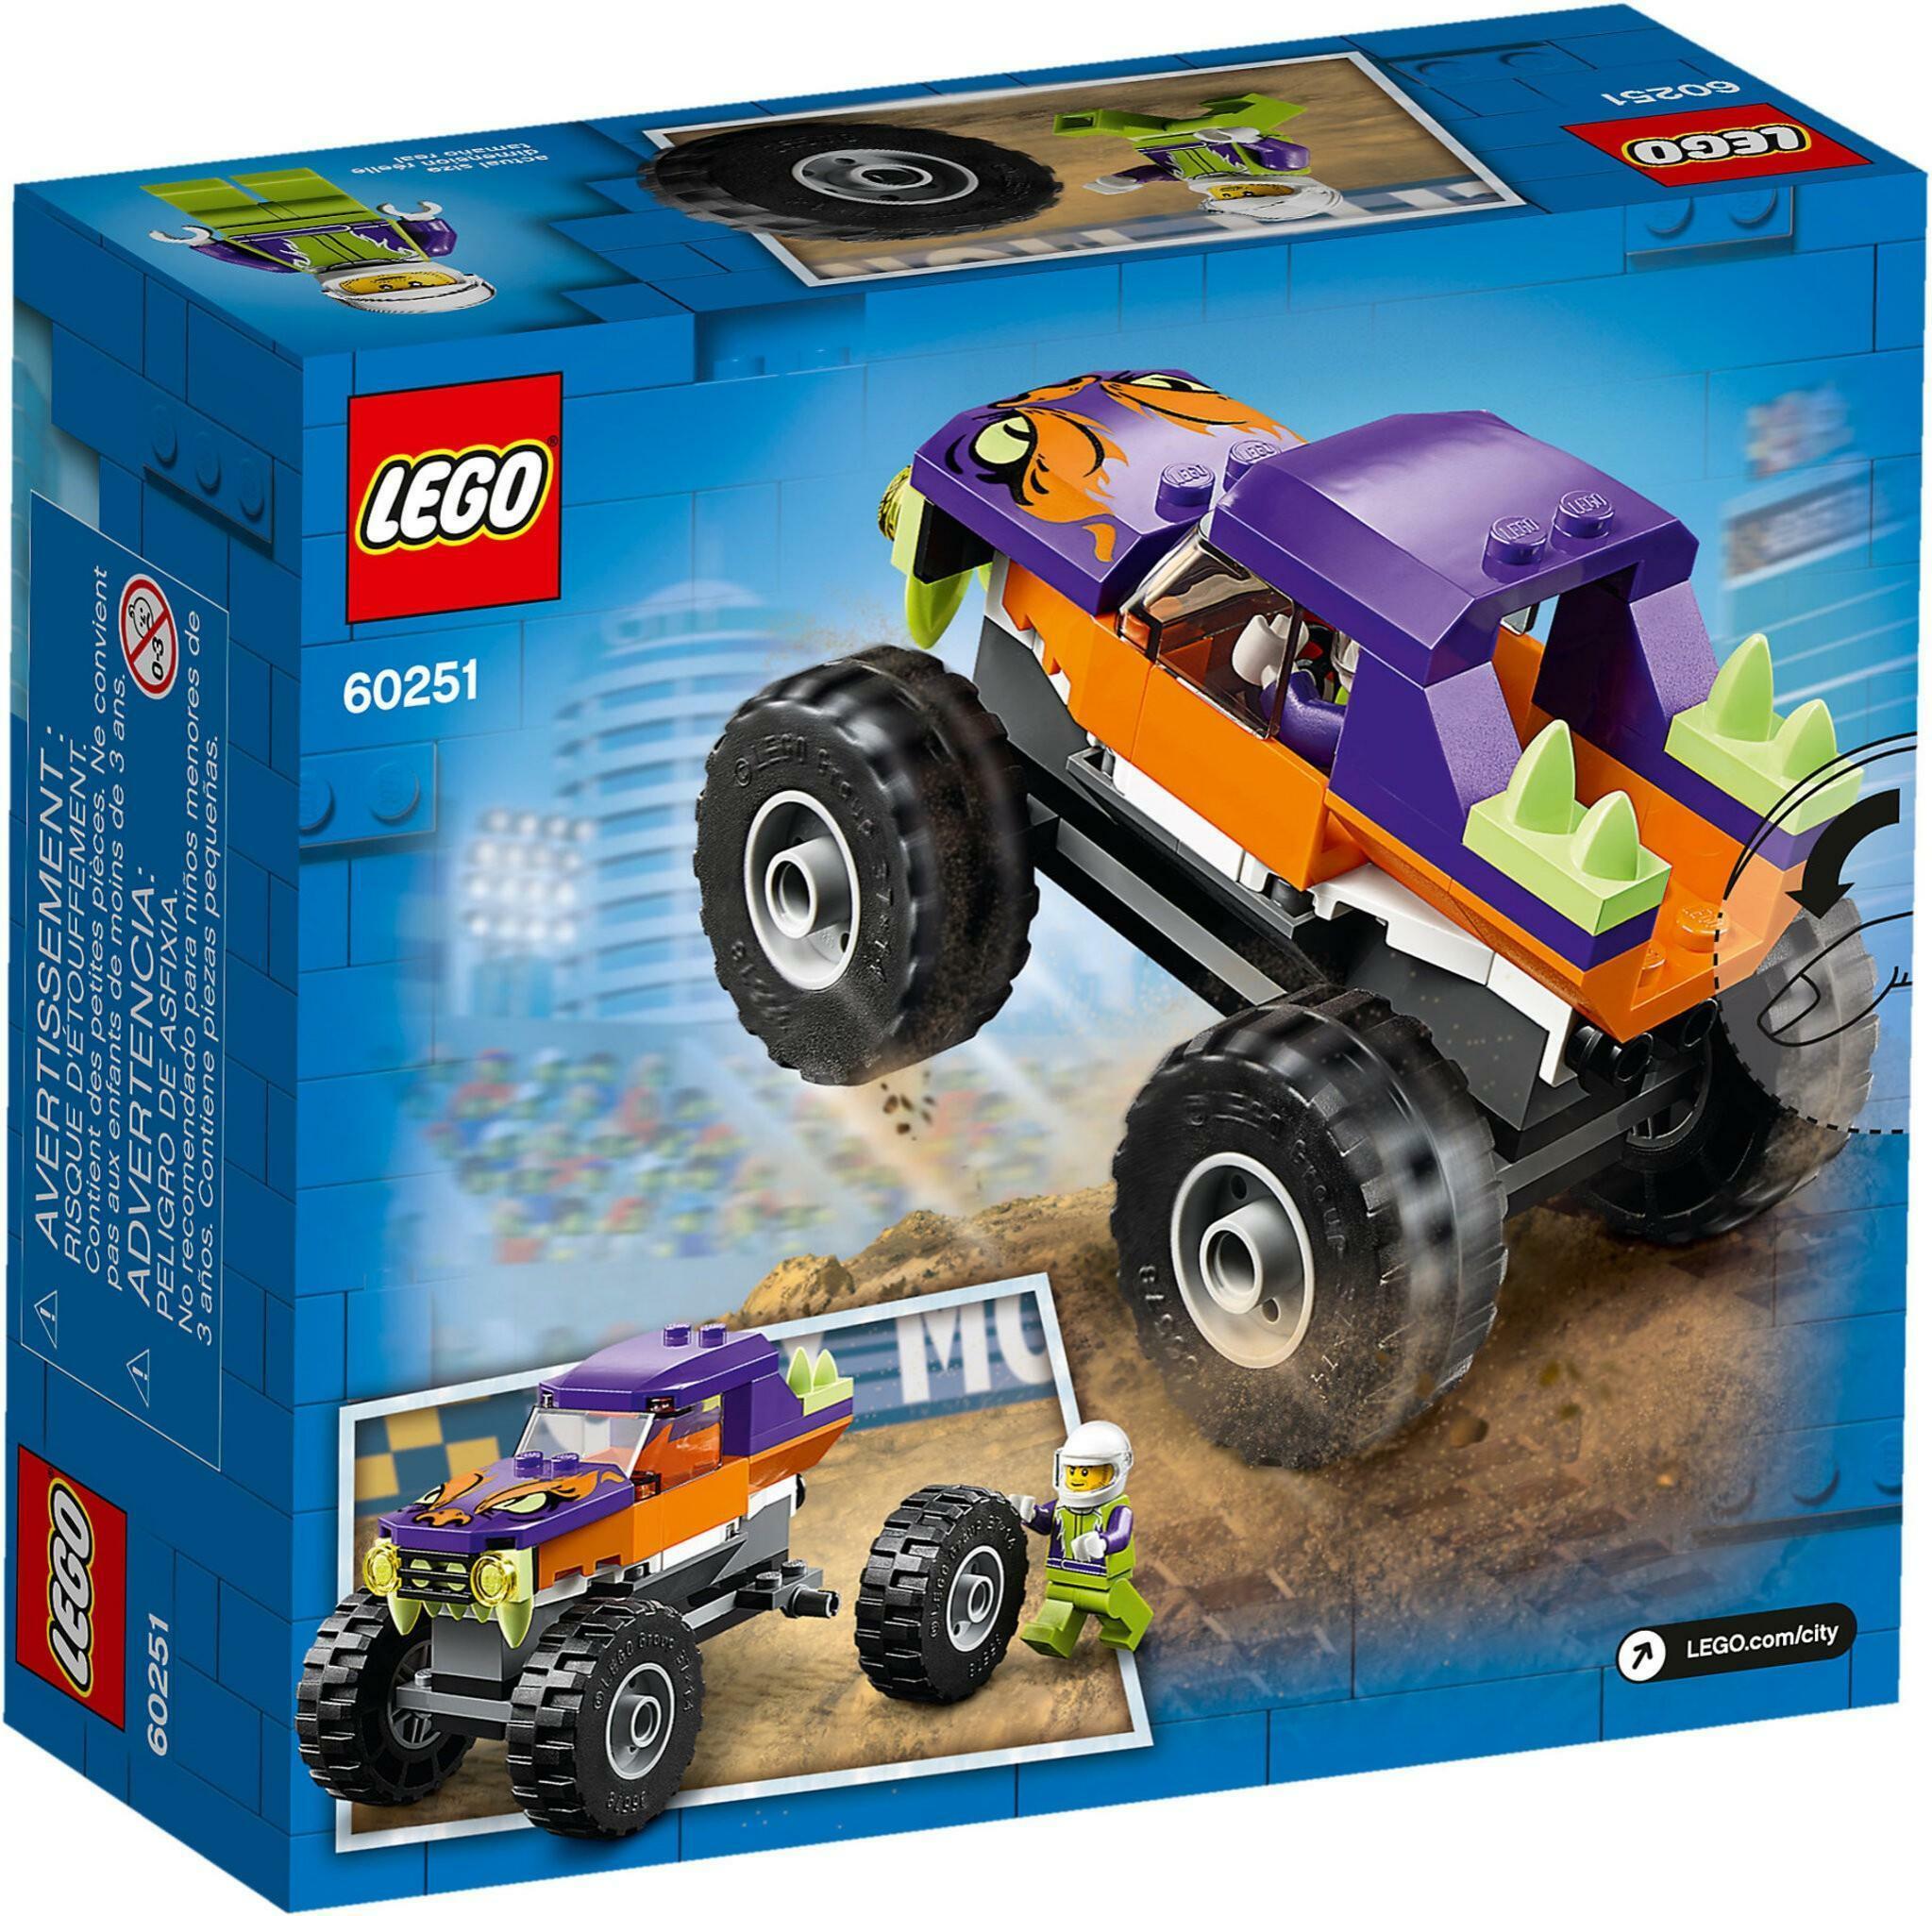 lego lego city 60251 - monster truck